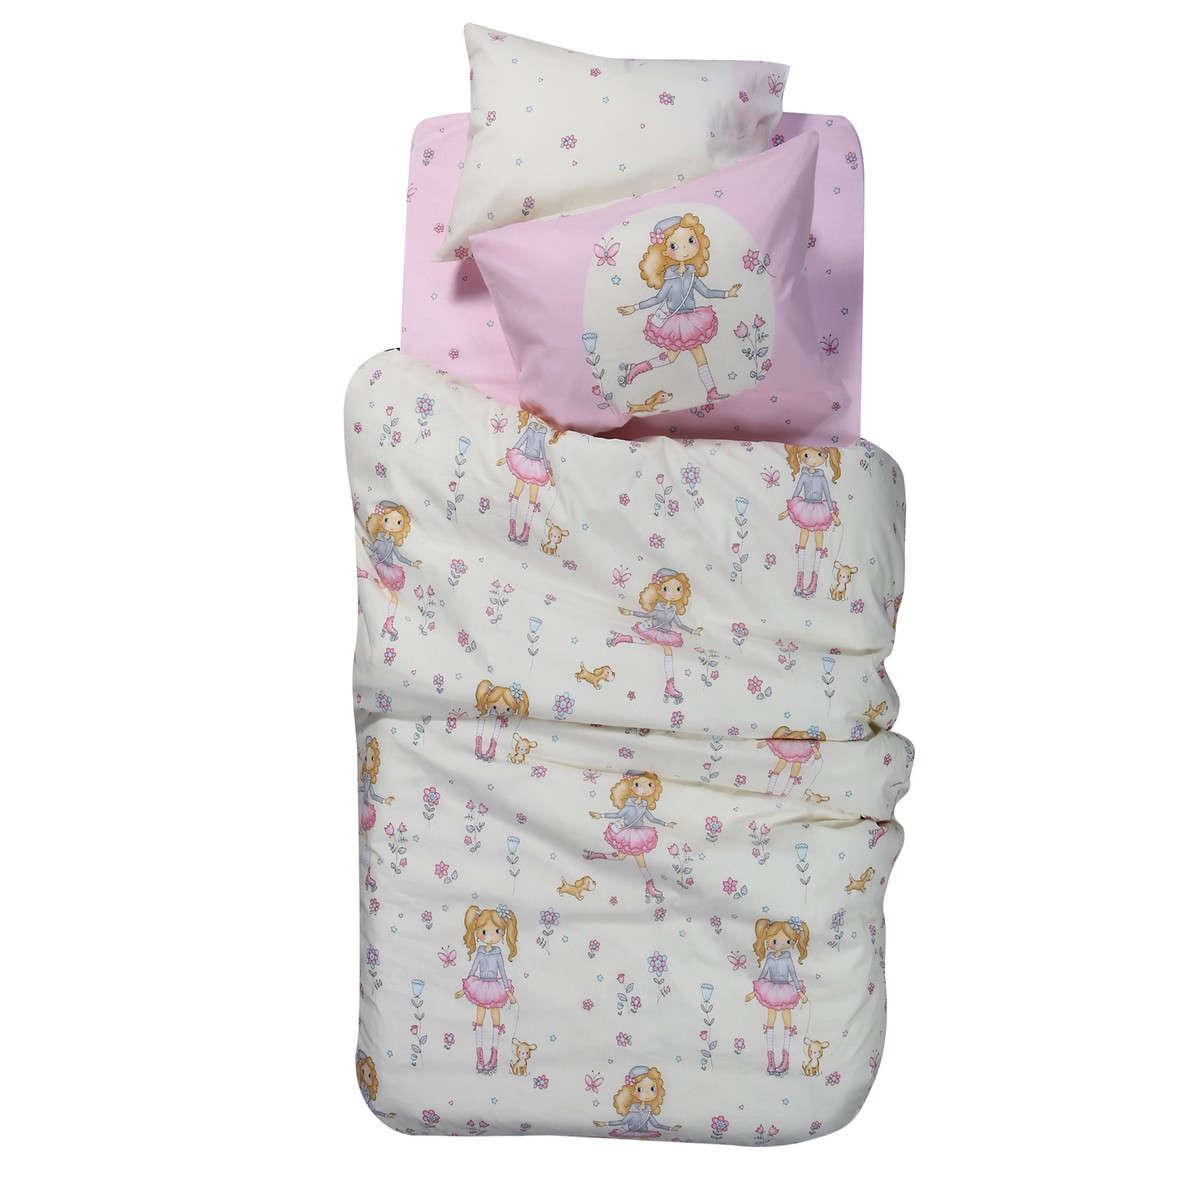 Σεντόνι Παιδικό Roller Girl Σετ Pink Nef-Nef Μονό 160x260cm